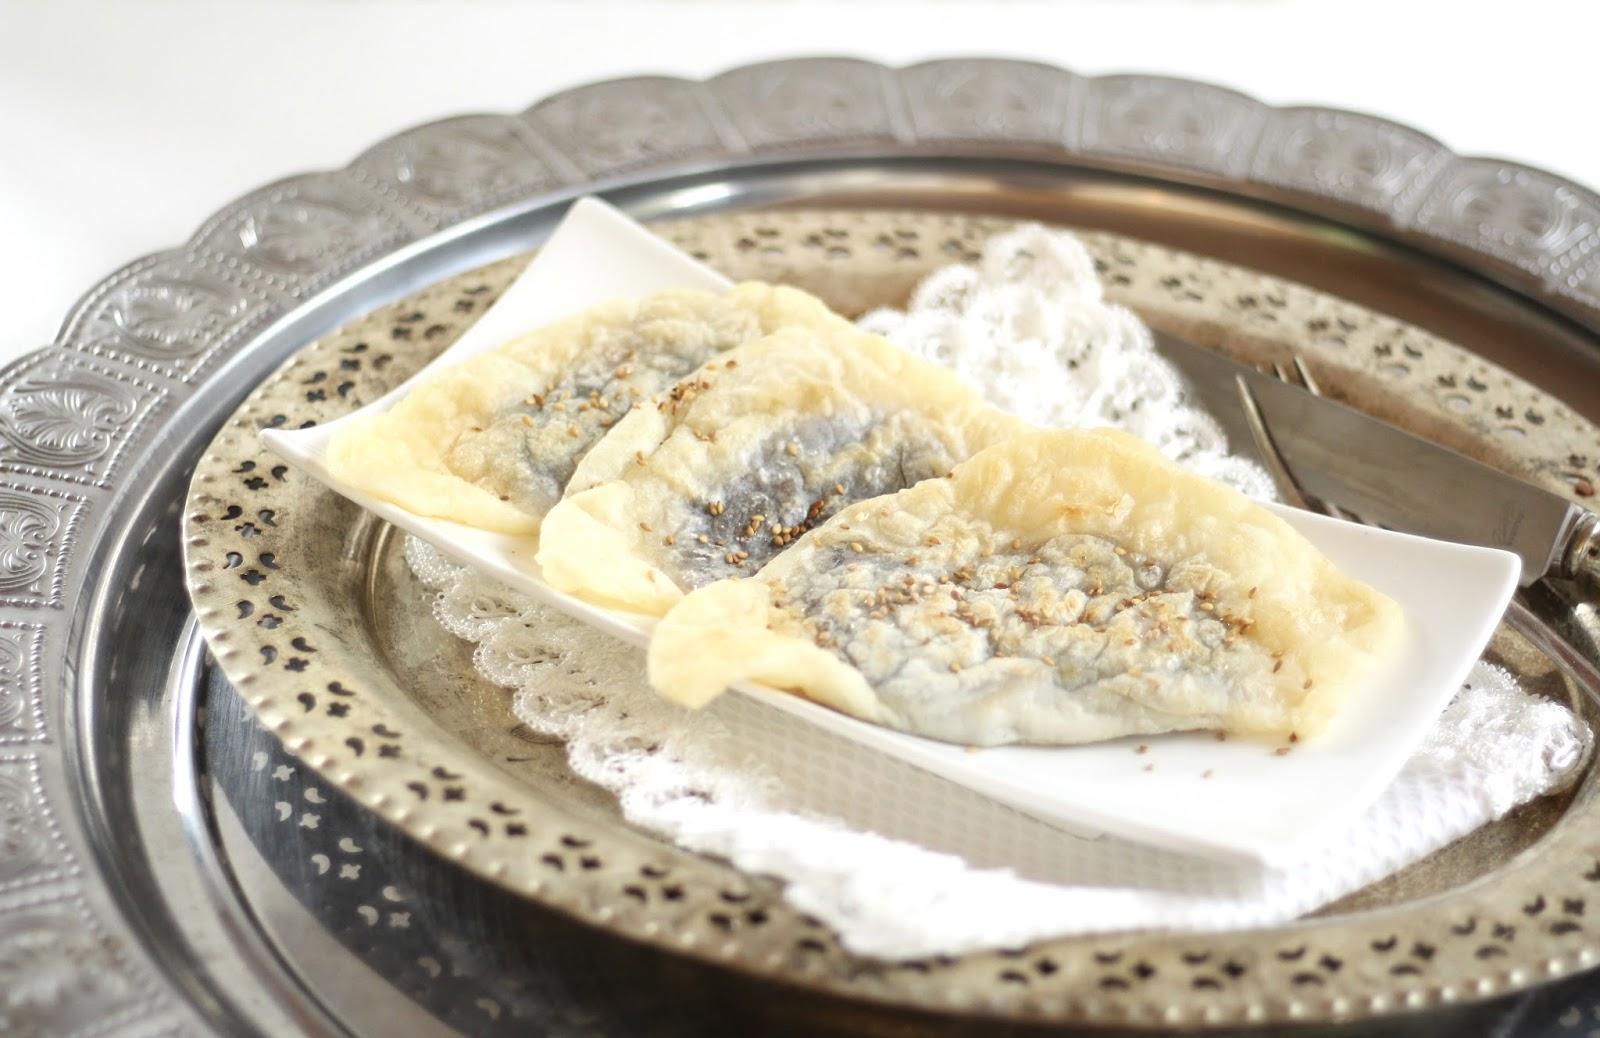 Bukkumi - koreanische süße Reismehlpfannkuchen mit Azuki-Bohnepaste gefüllt